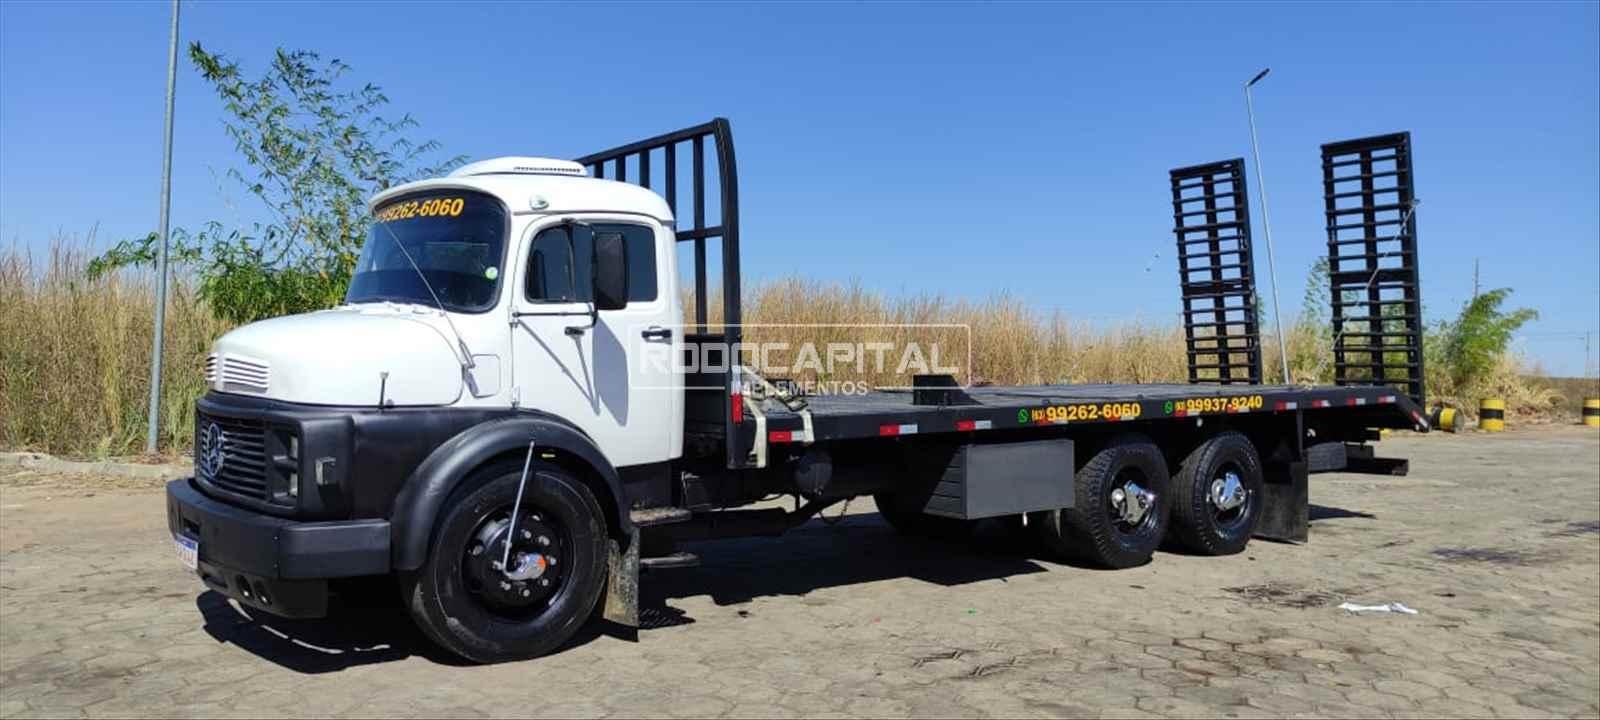 CAMINHAO MERCEDES-BENZ MB 1113 Plataforma Truck 6x2 RODOCAPITAL - TRUCKVAN BRASILIA DISTRITO FEDERAL DF